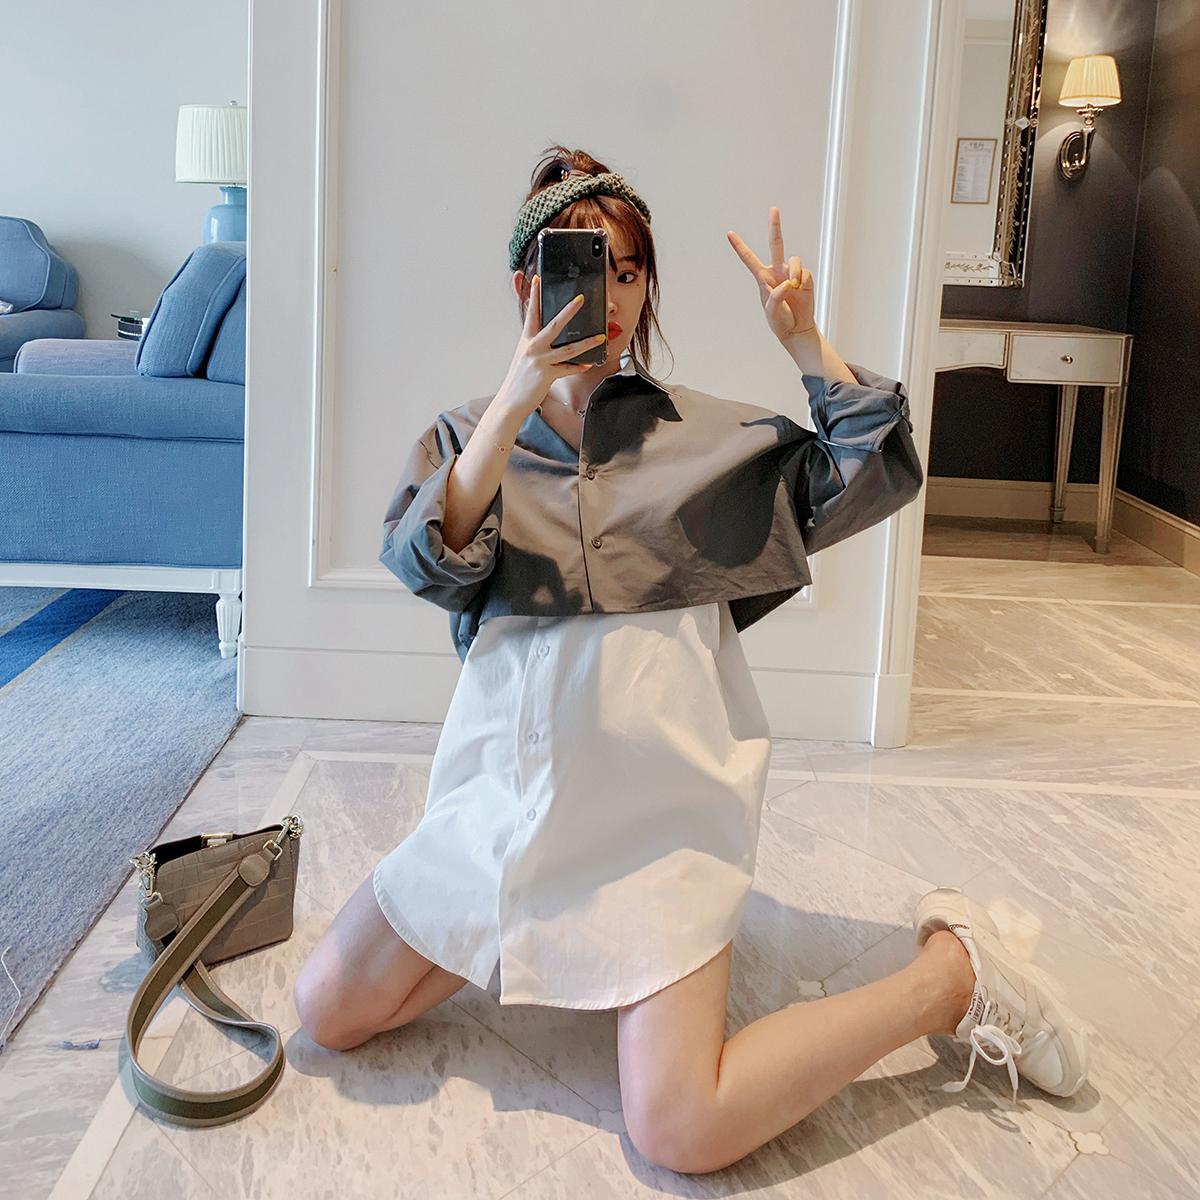 孕妇秋装潮2019新款时尚拼色假两件衬衫韩版宽松上衣女中长款辣妈